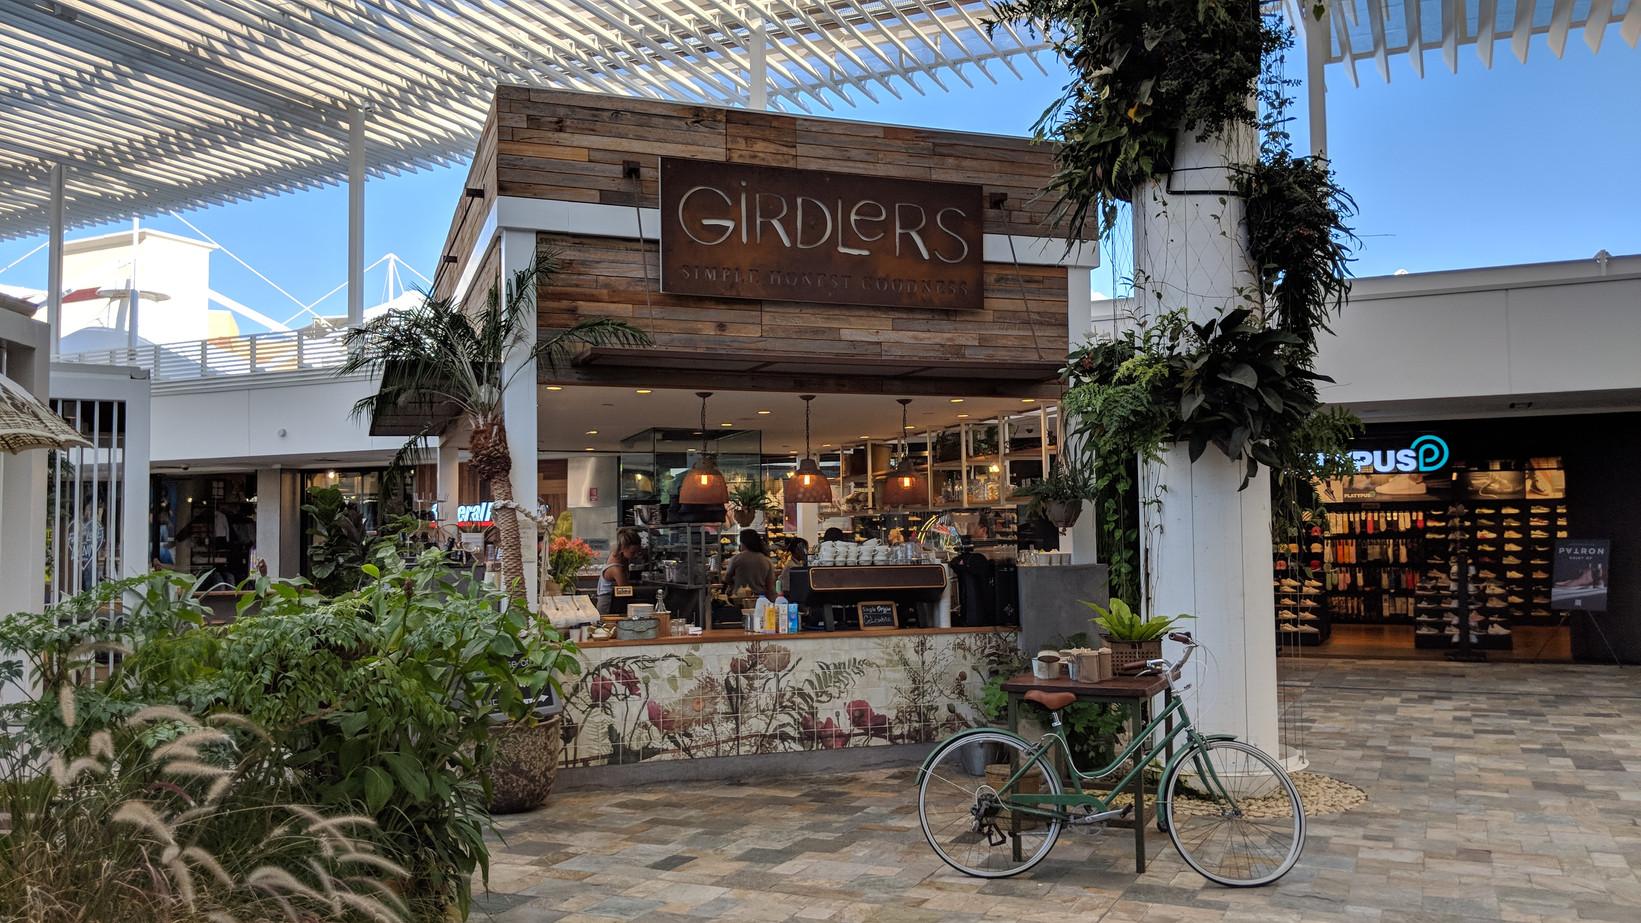 Girdler's Café, Brookvale NSW